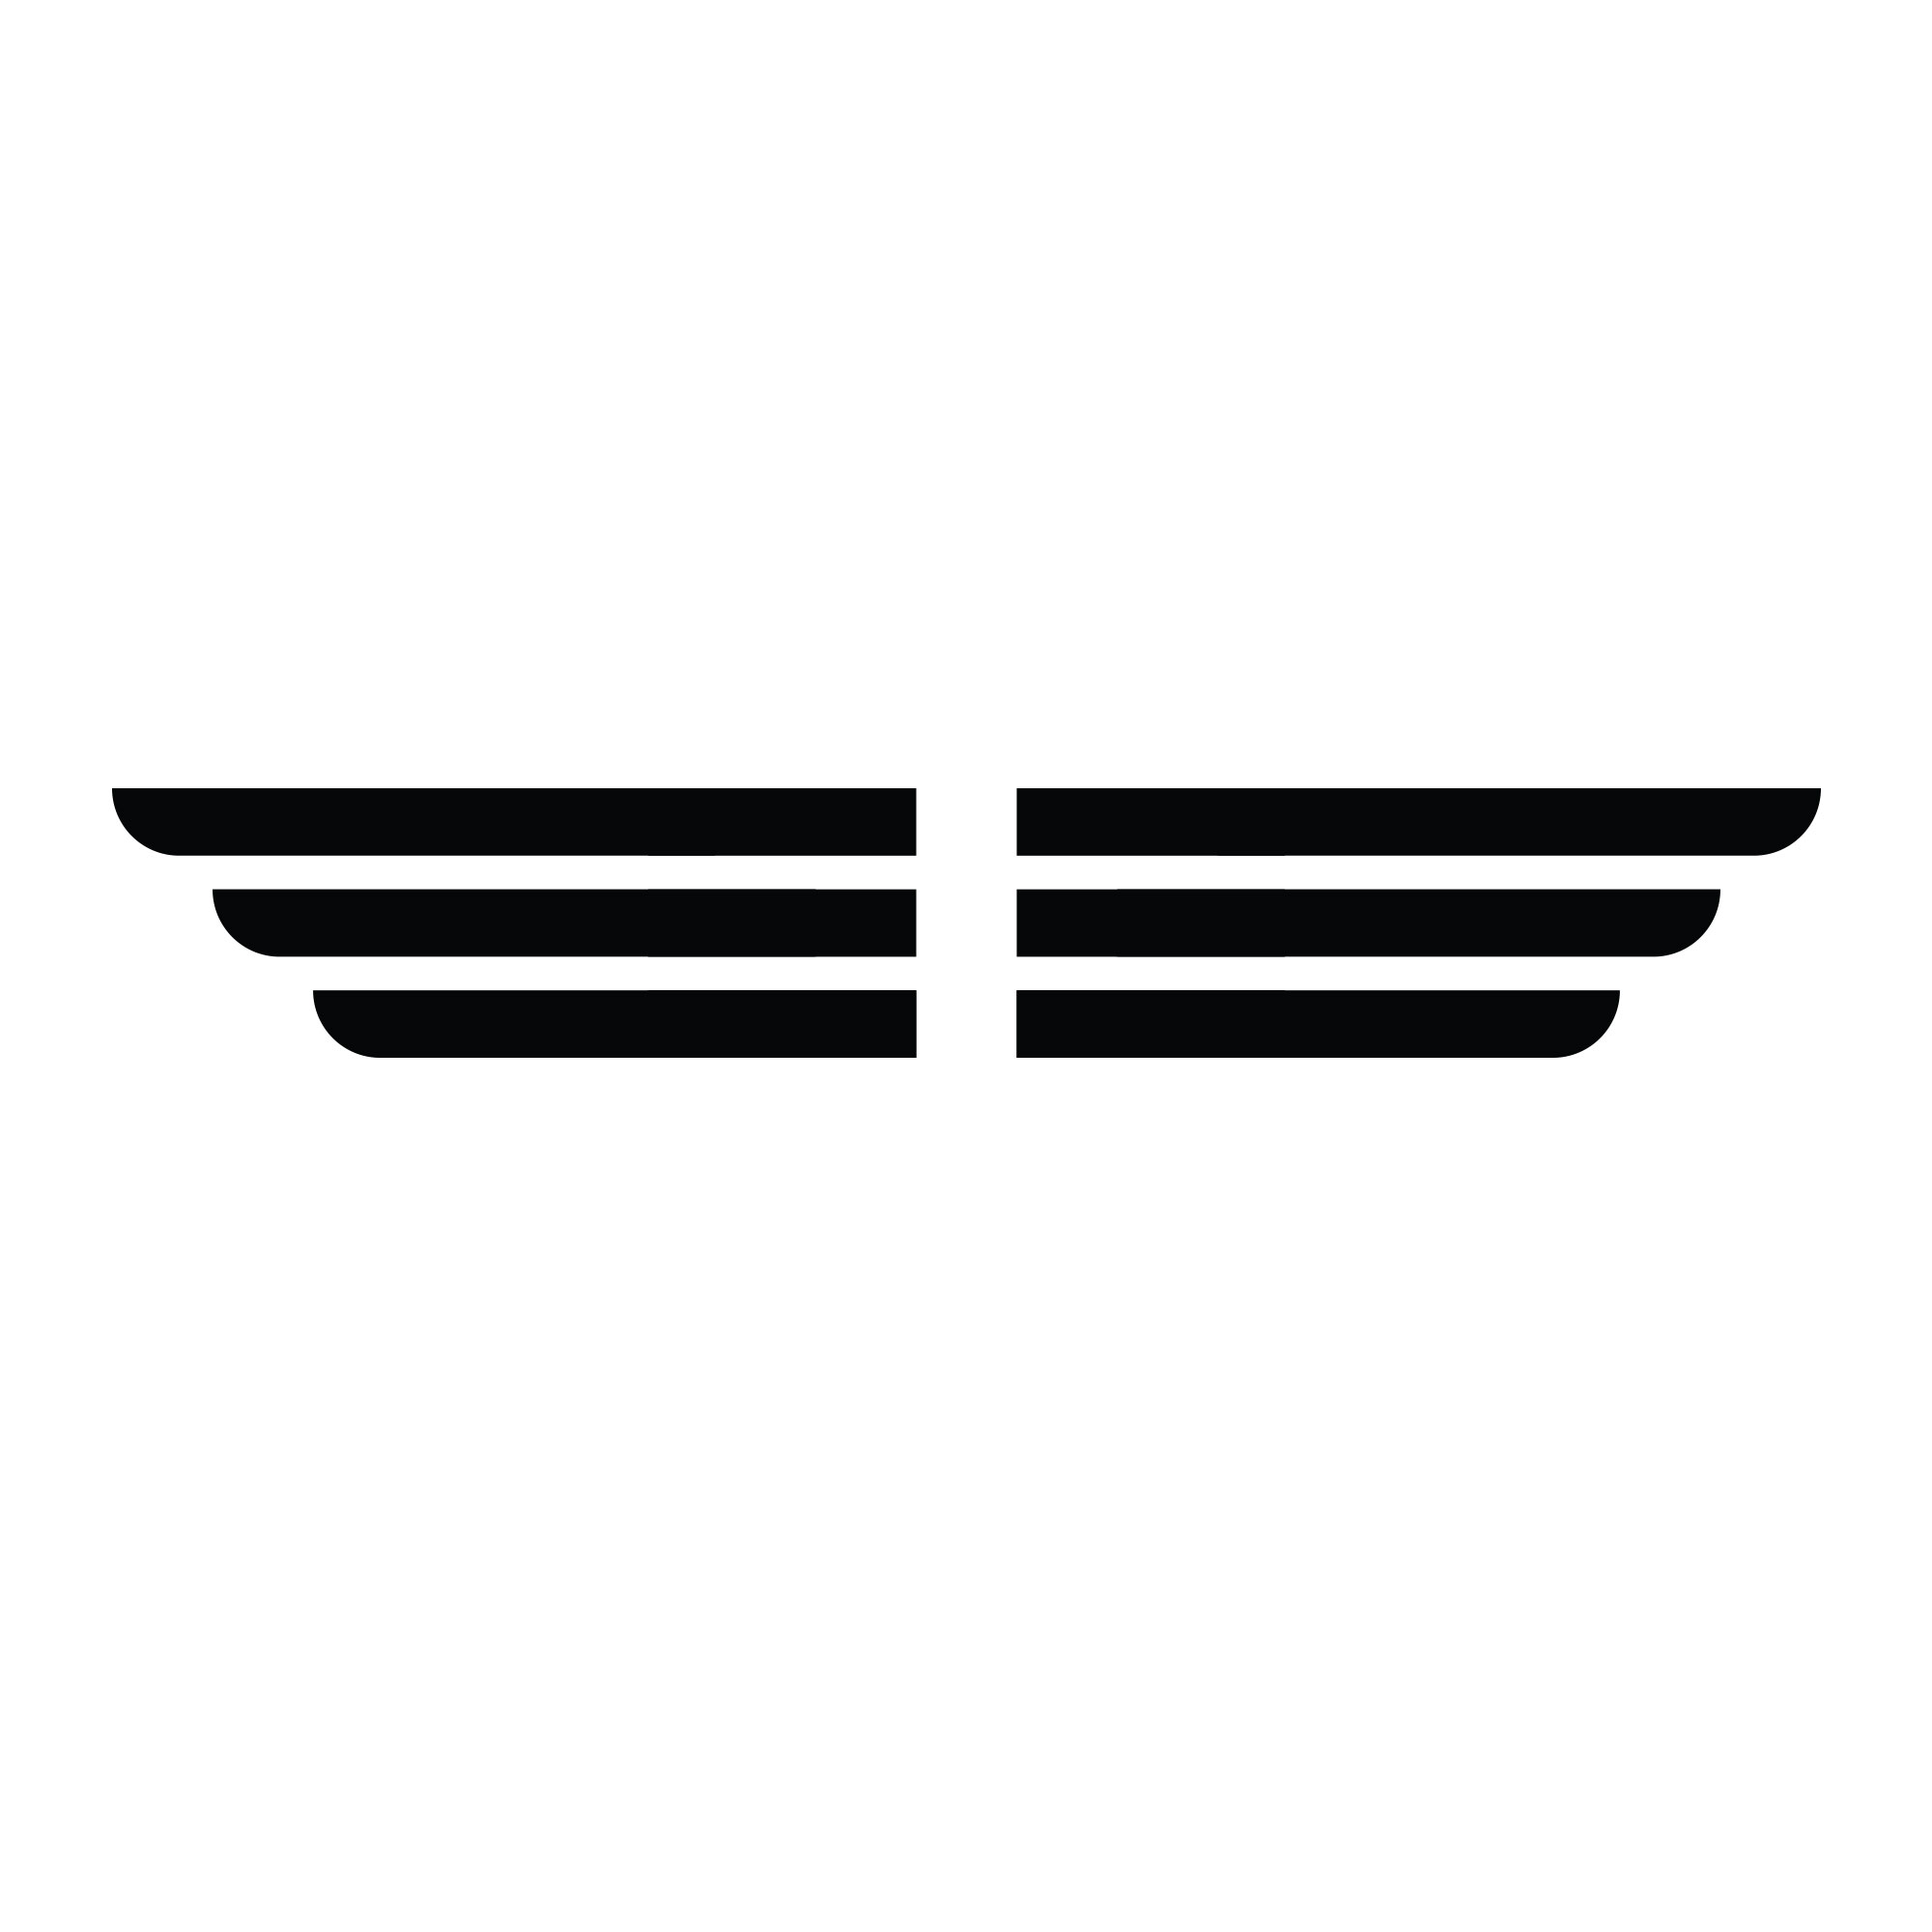 Første idé: inspirert av logoer for biler. Tanken var å ha en mer maskulin og monumental kiropraktor-logo